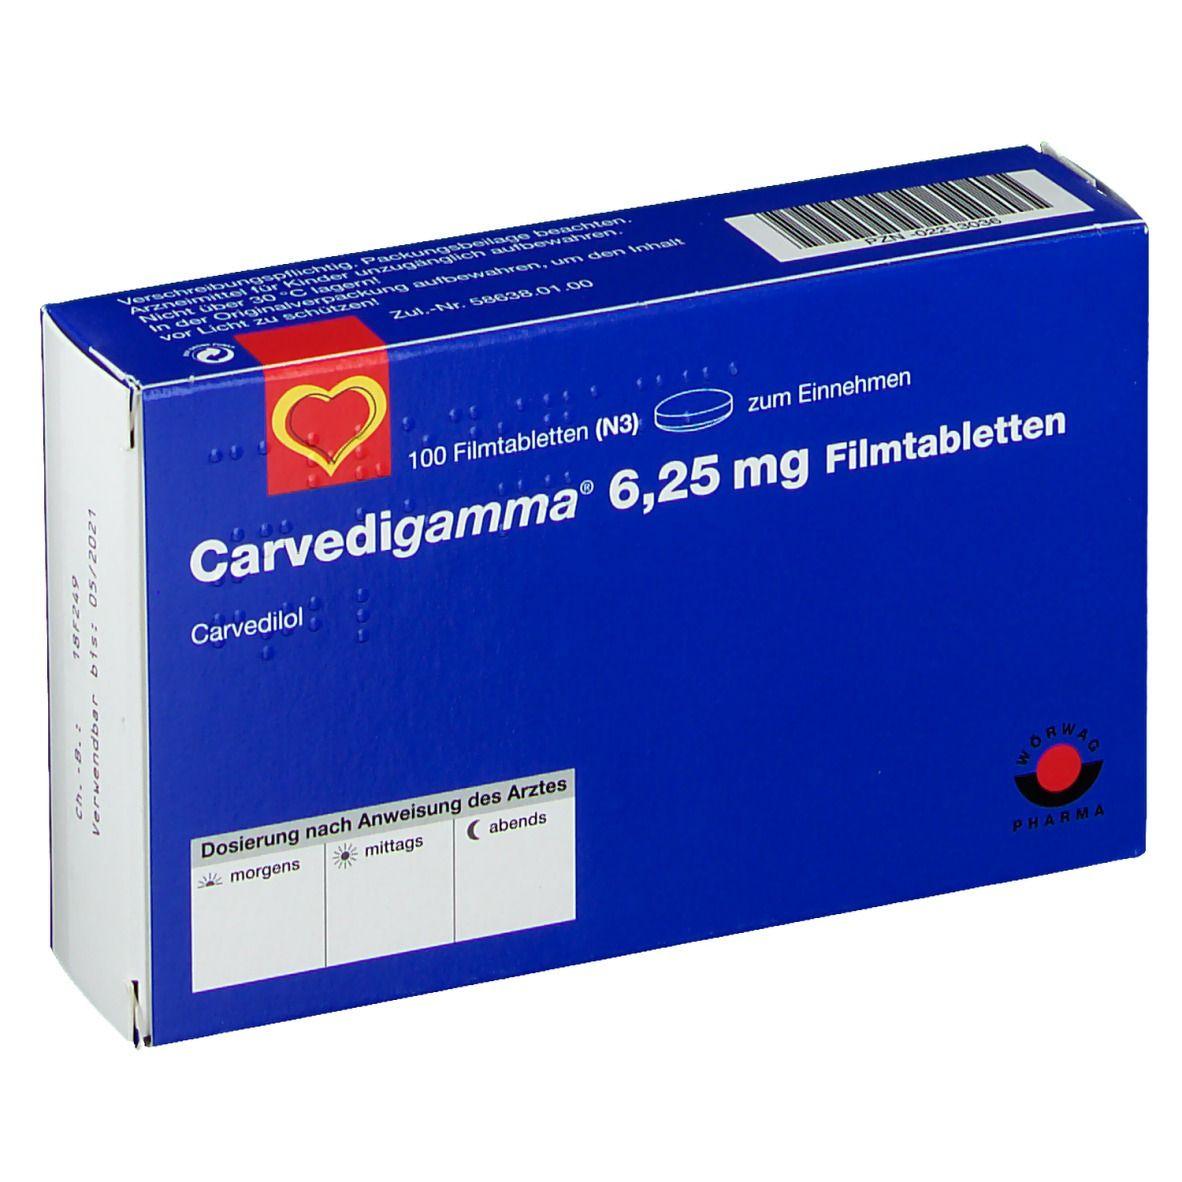 Carvedigamma 6,25 mg Filmtabl.